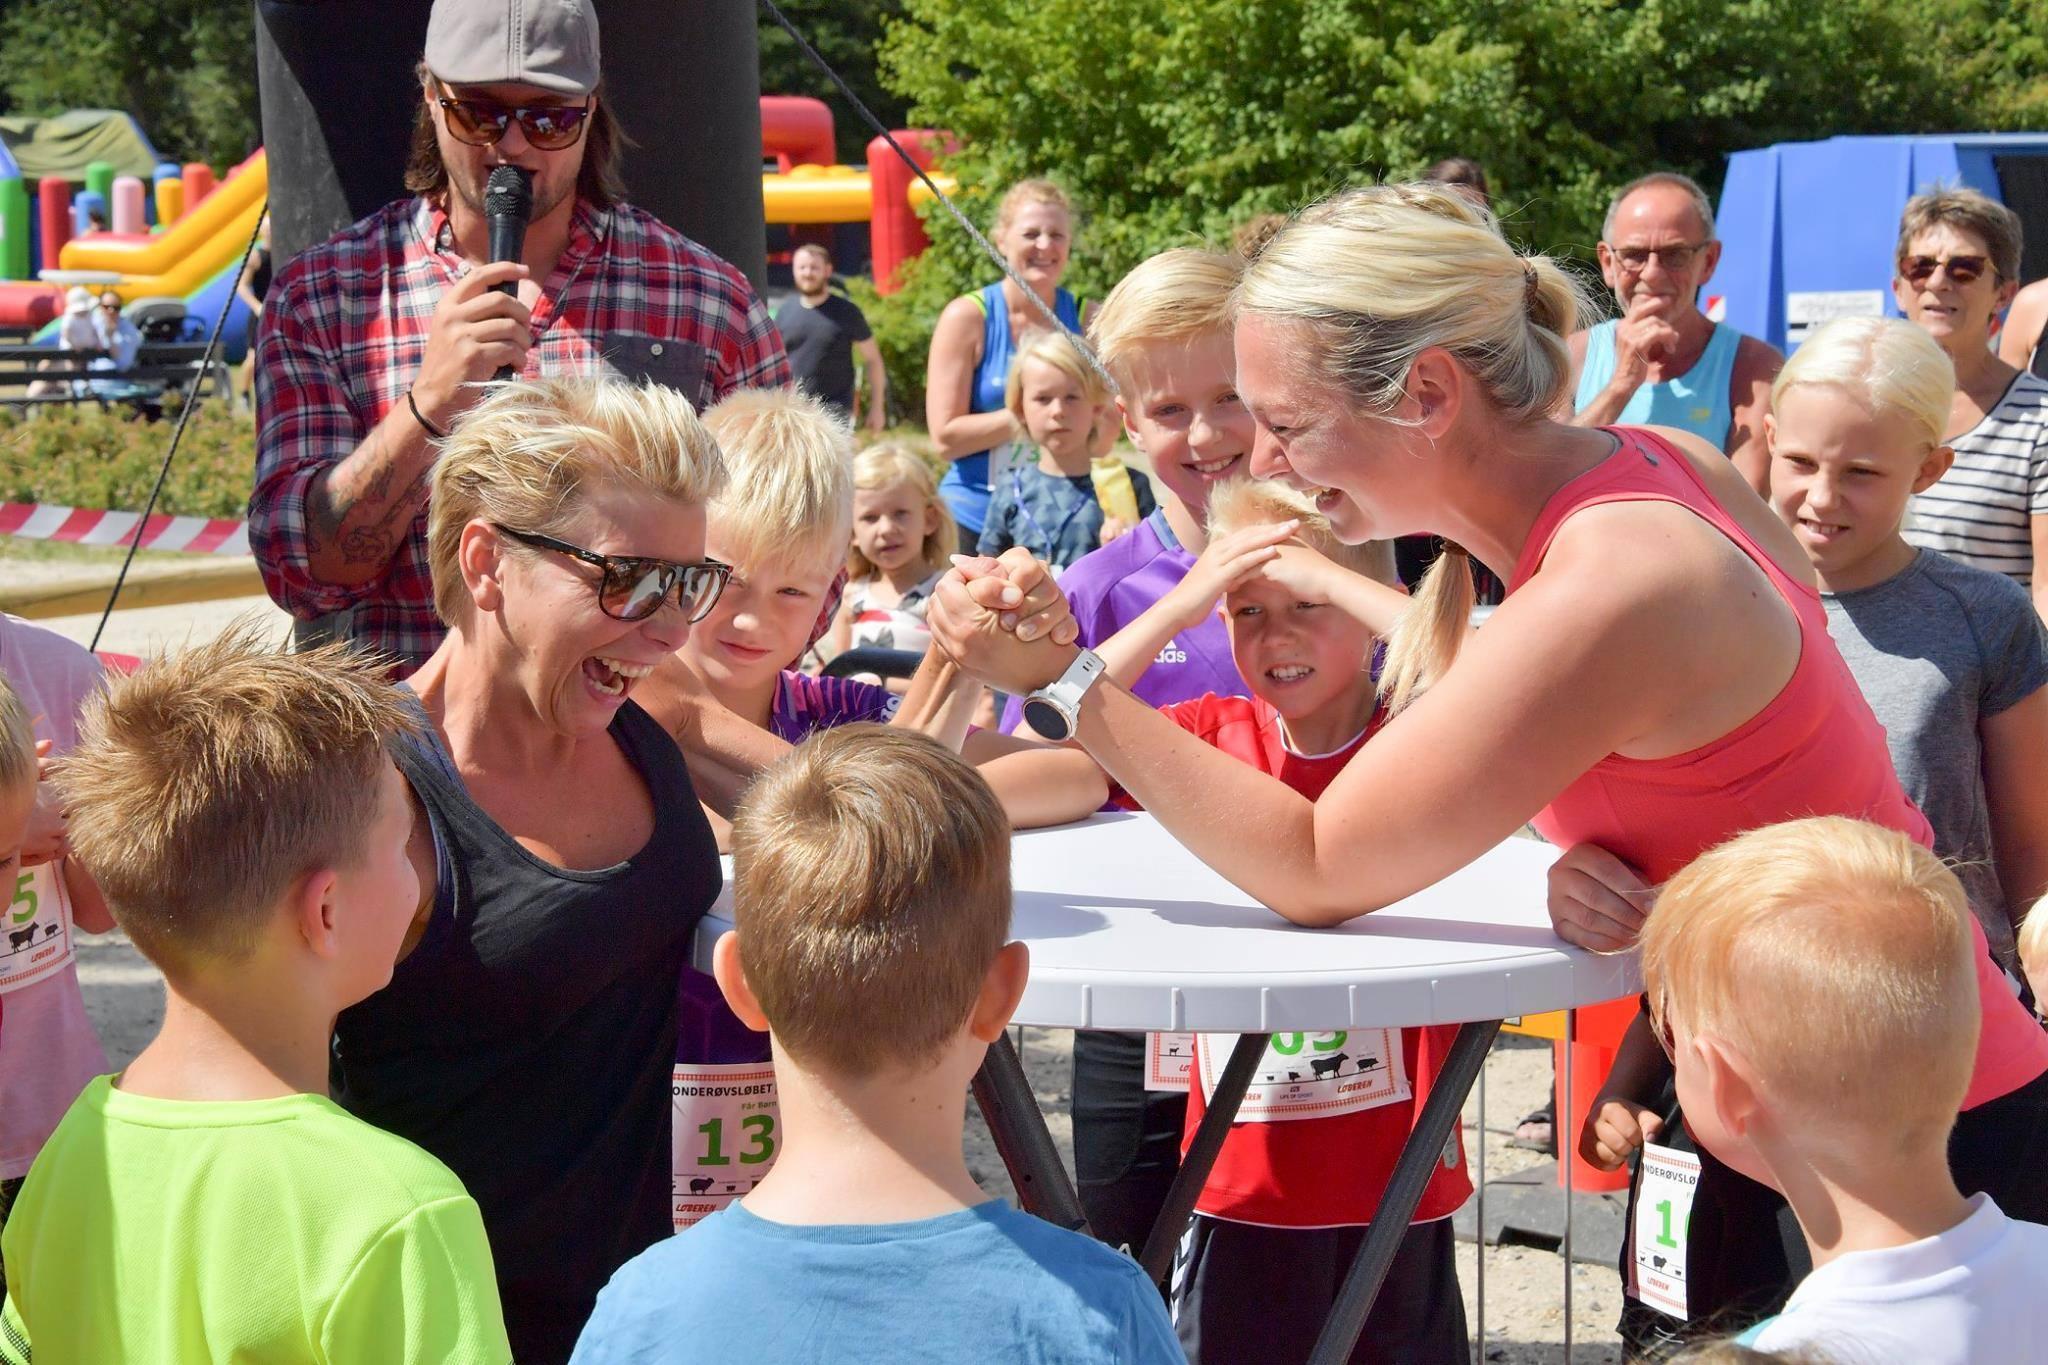 Life of Sport ønsker at skabe rammen for sjove løbeoplevelser og fællesskaber. Privatfoto